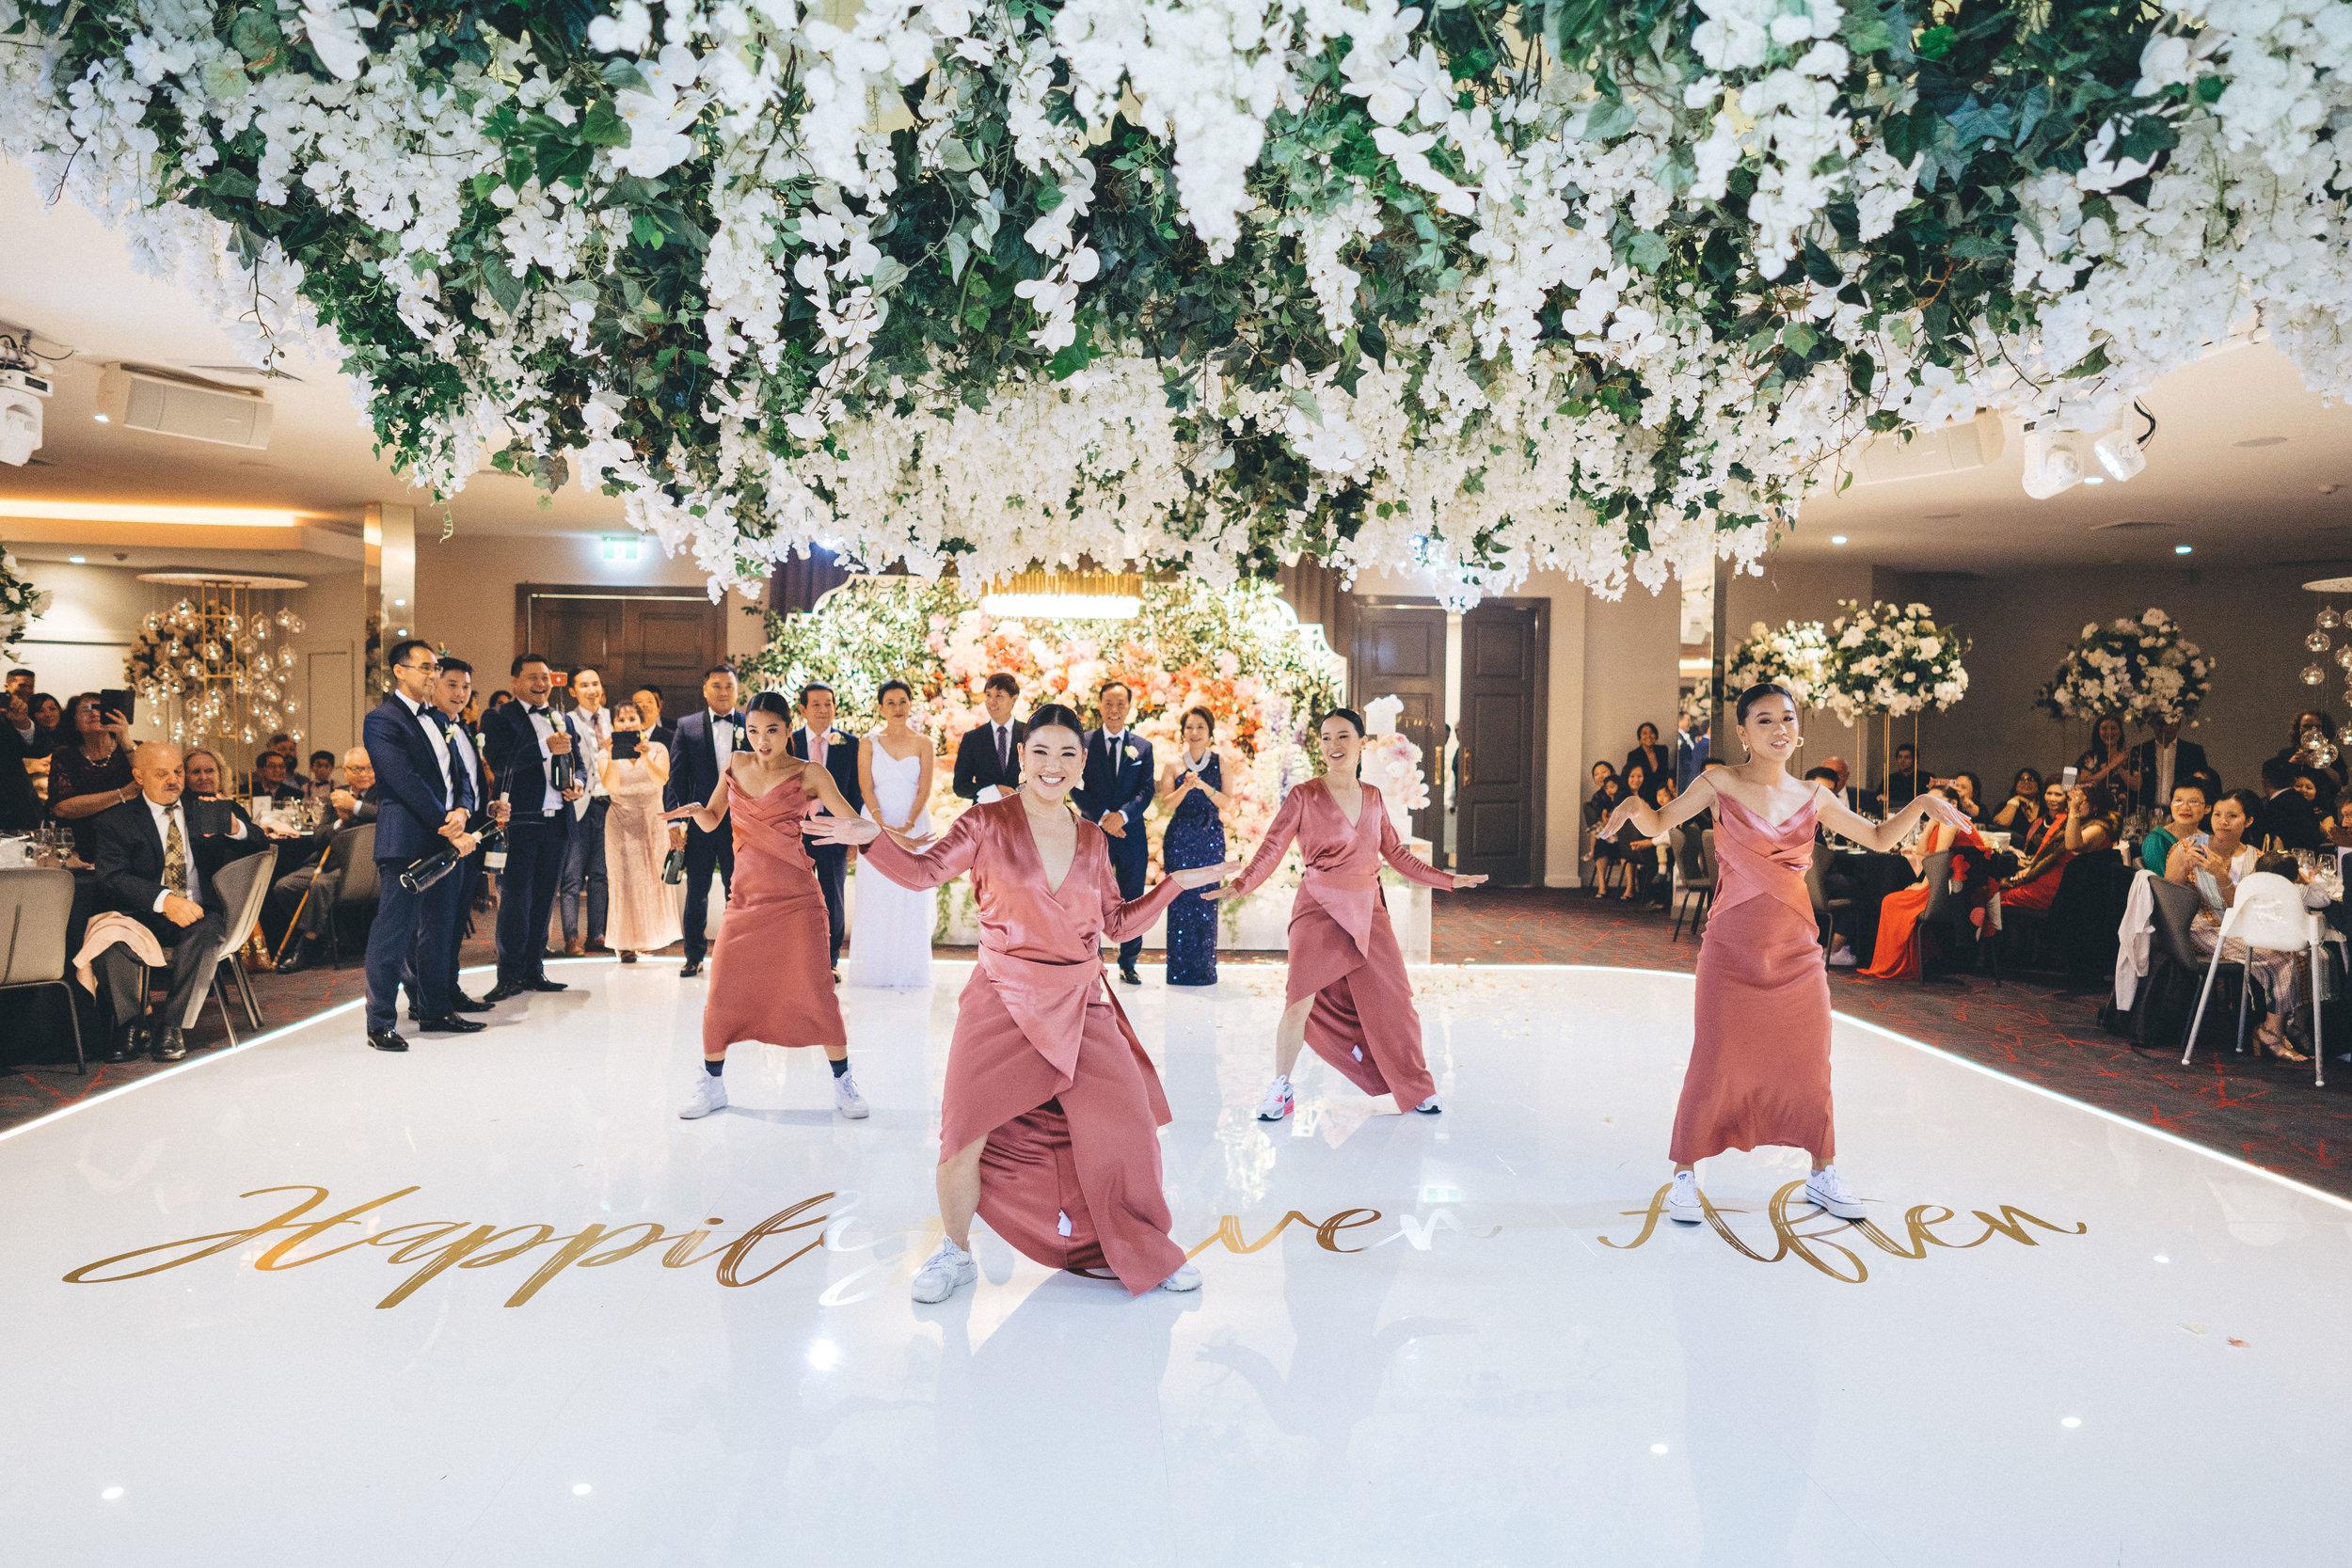 Annabelle-Phong-Wedding-HI-RES-0749.jpg